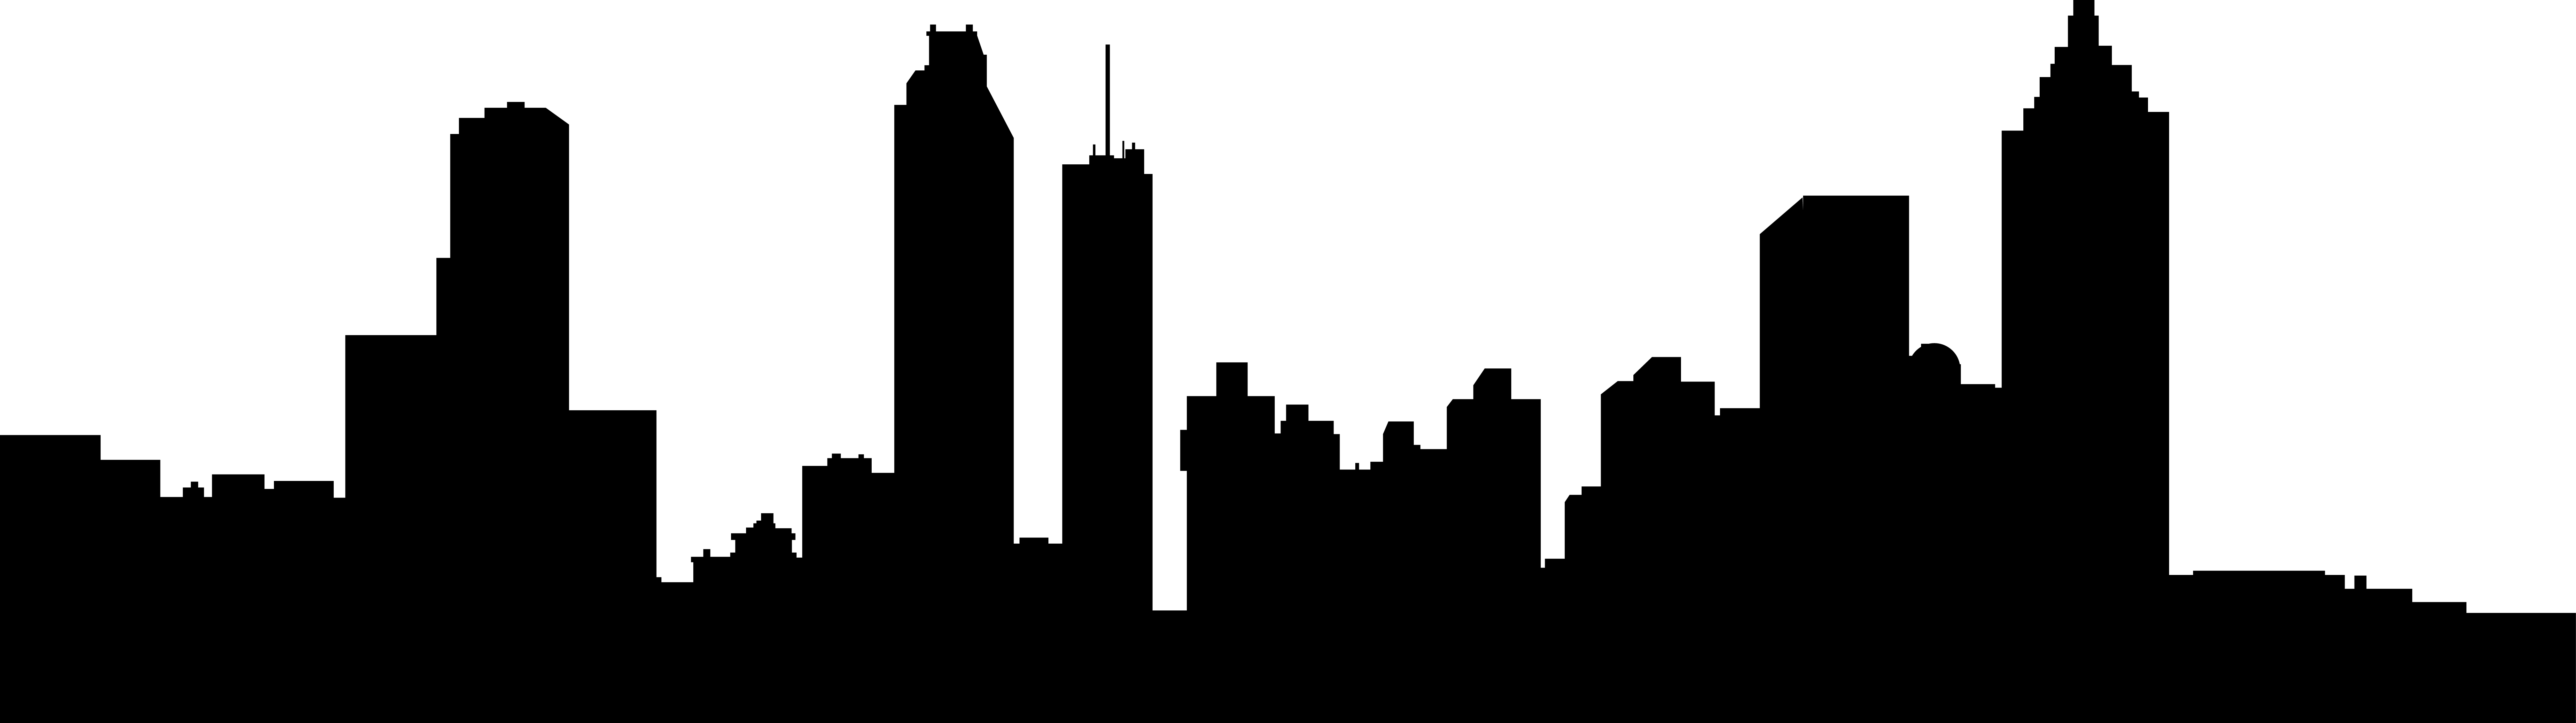 8059x2261 City Skyline Clipart